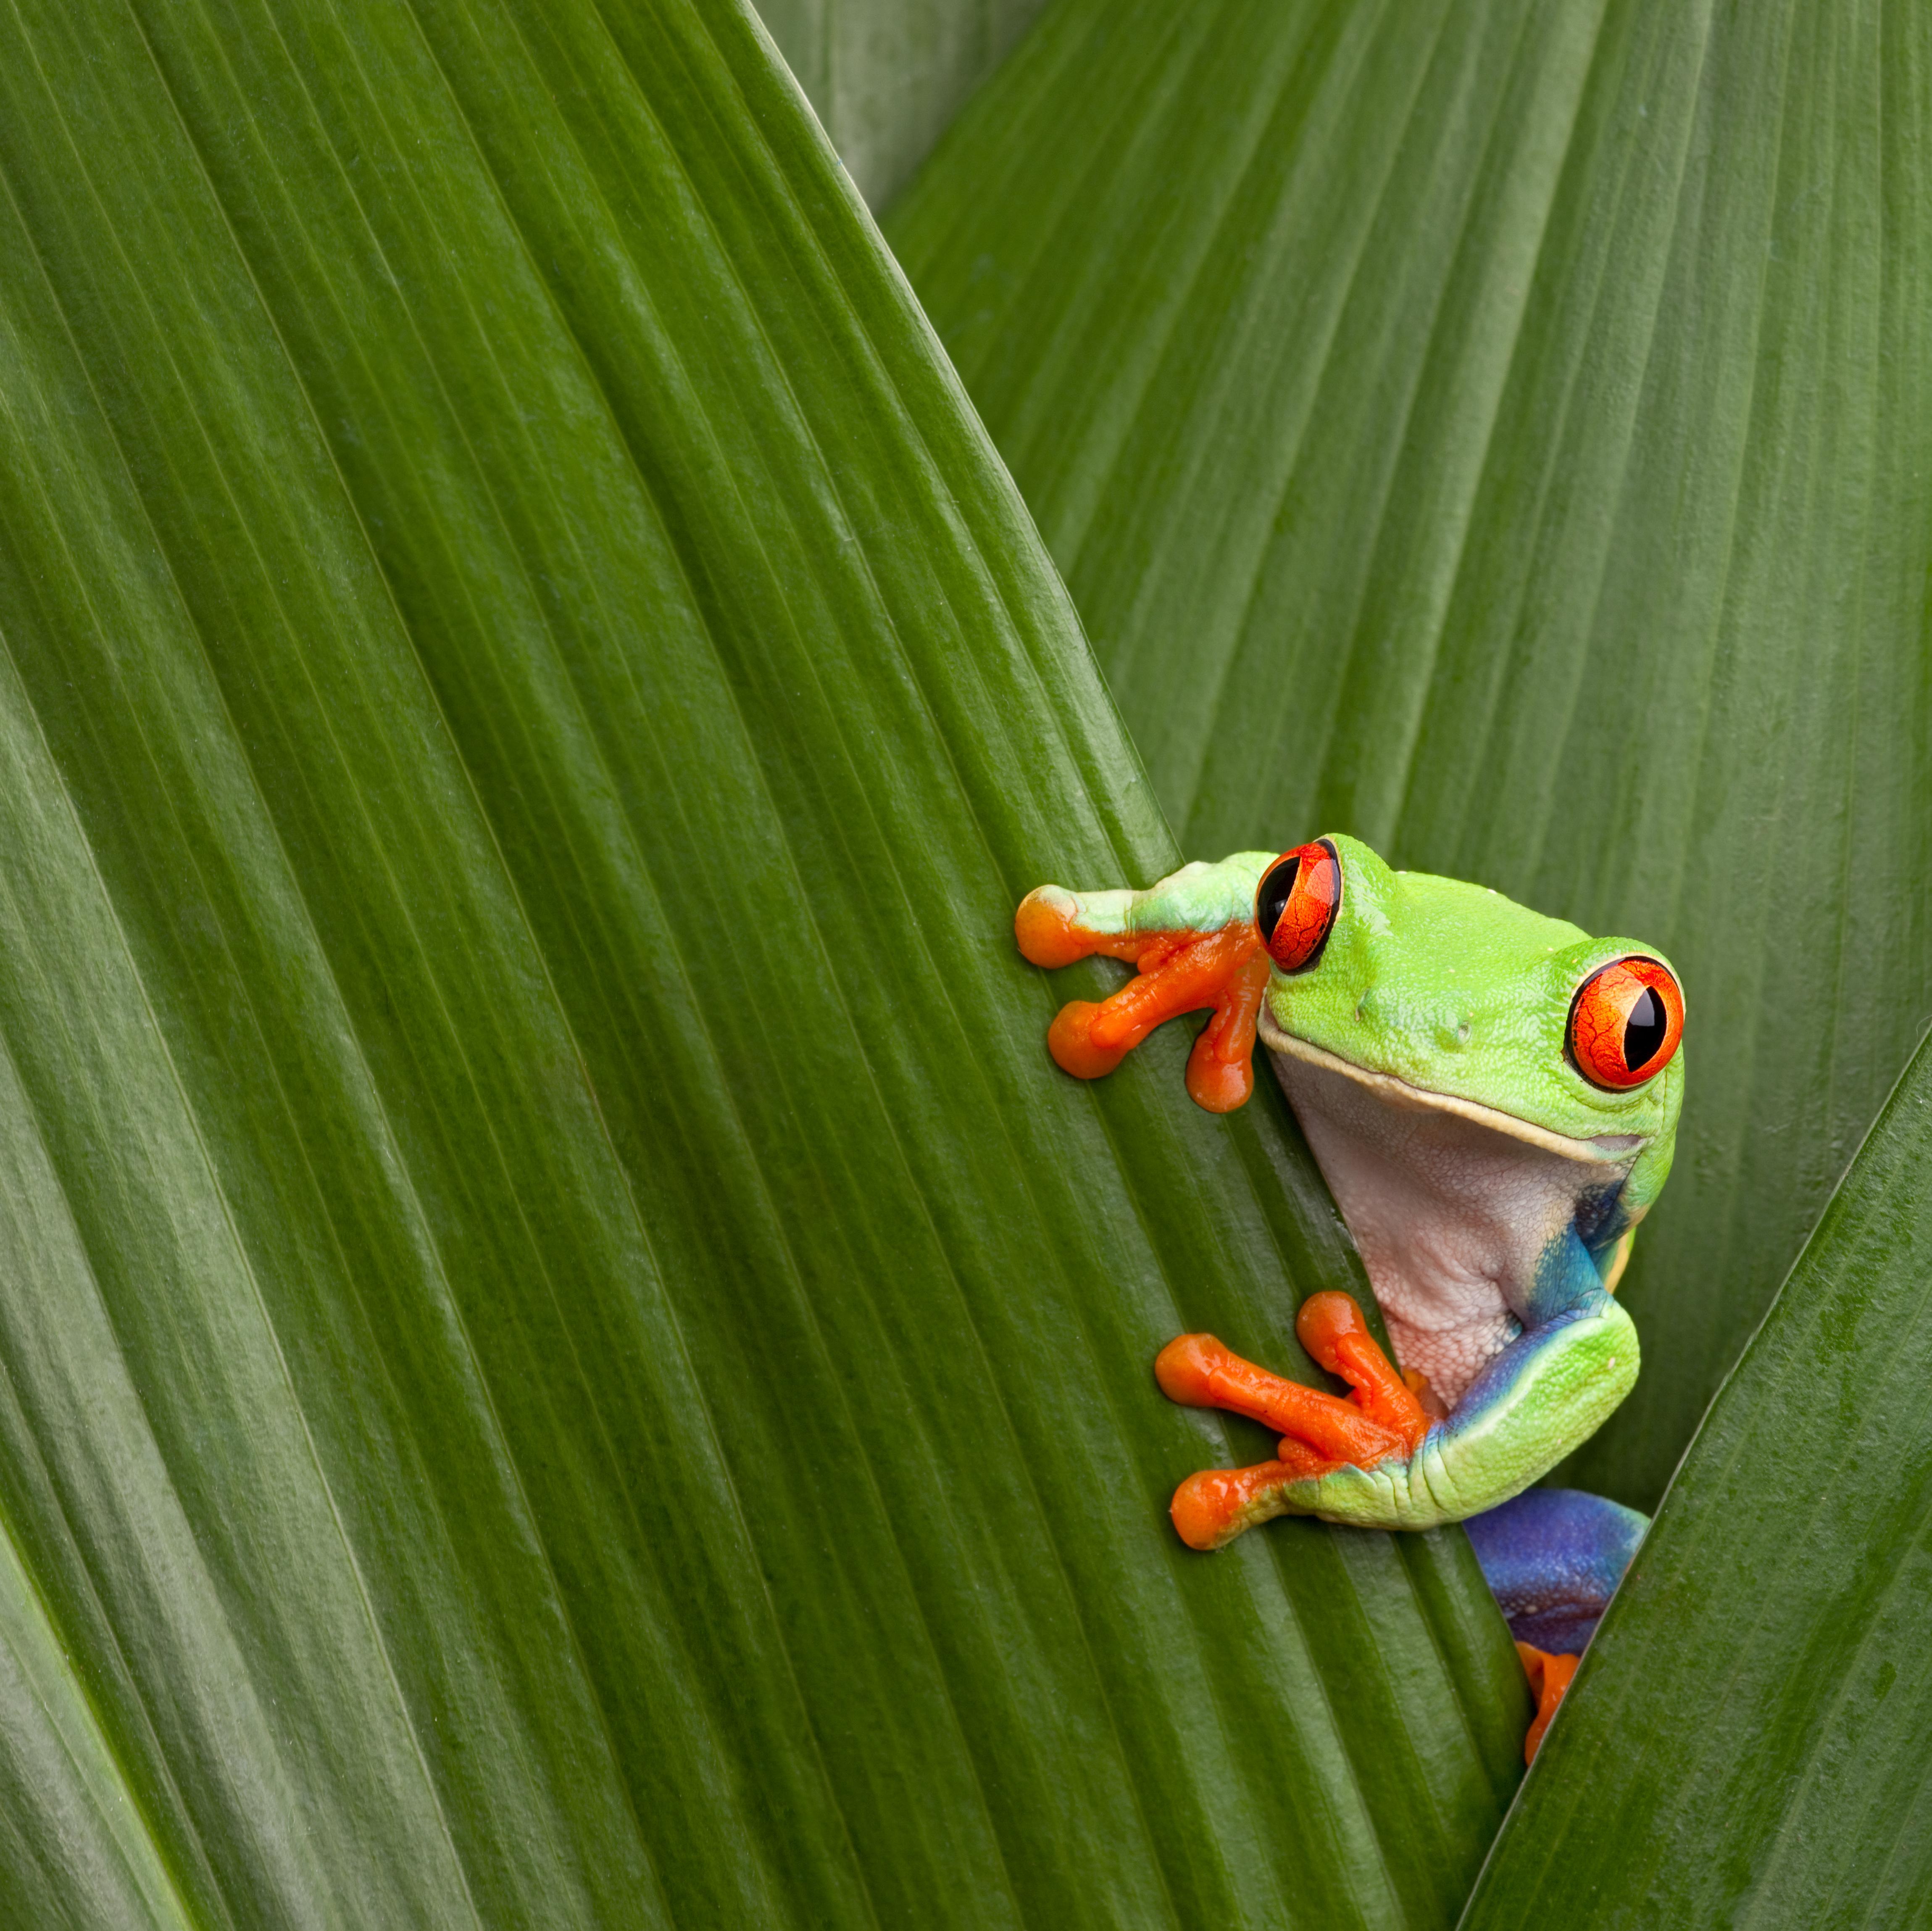 Visita el Bosque Eterno de los Niños, la reserva privada más grande del mundo - Costa Rica Gran Viaje Tortuguero, Arenal y Monteverde